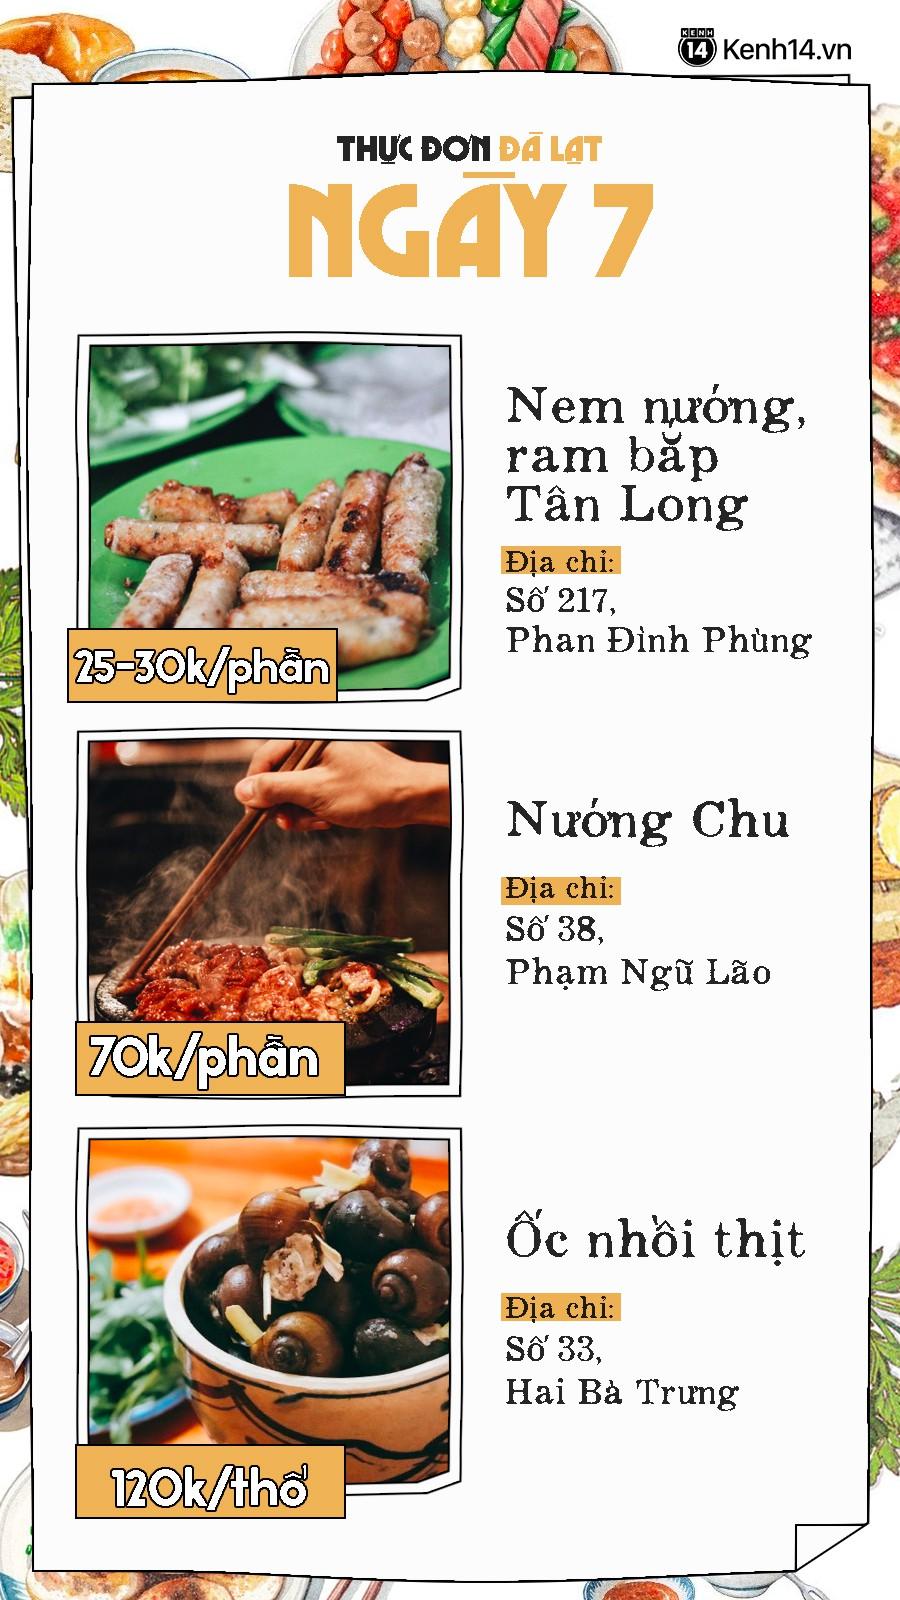 Đã có hẳn cẩm nang 7 ngày ăn ở Đà Lạt đây này, đi chơi chẳng lo phải nghĩ ngợi ăn gì ở đâu nữa - Ảnh 15.